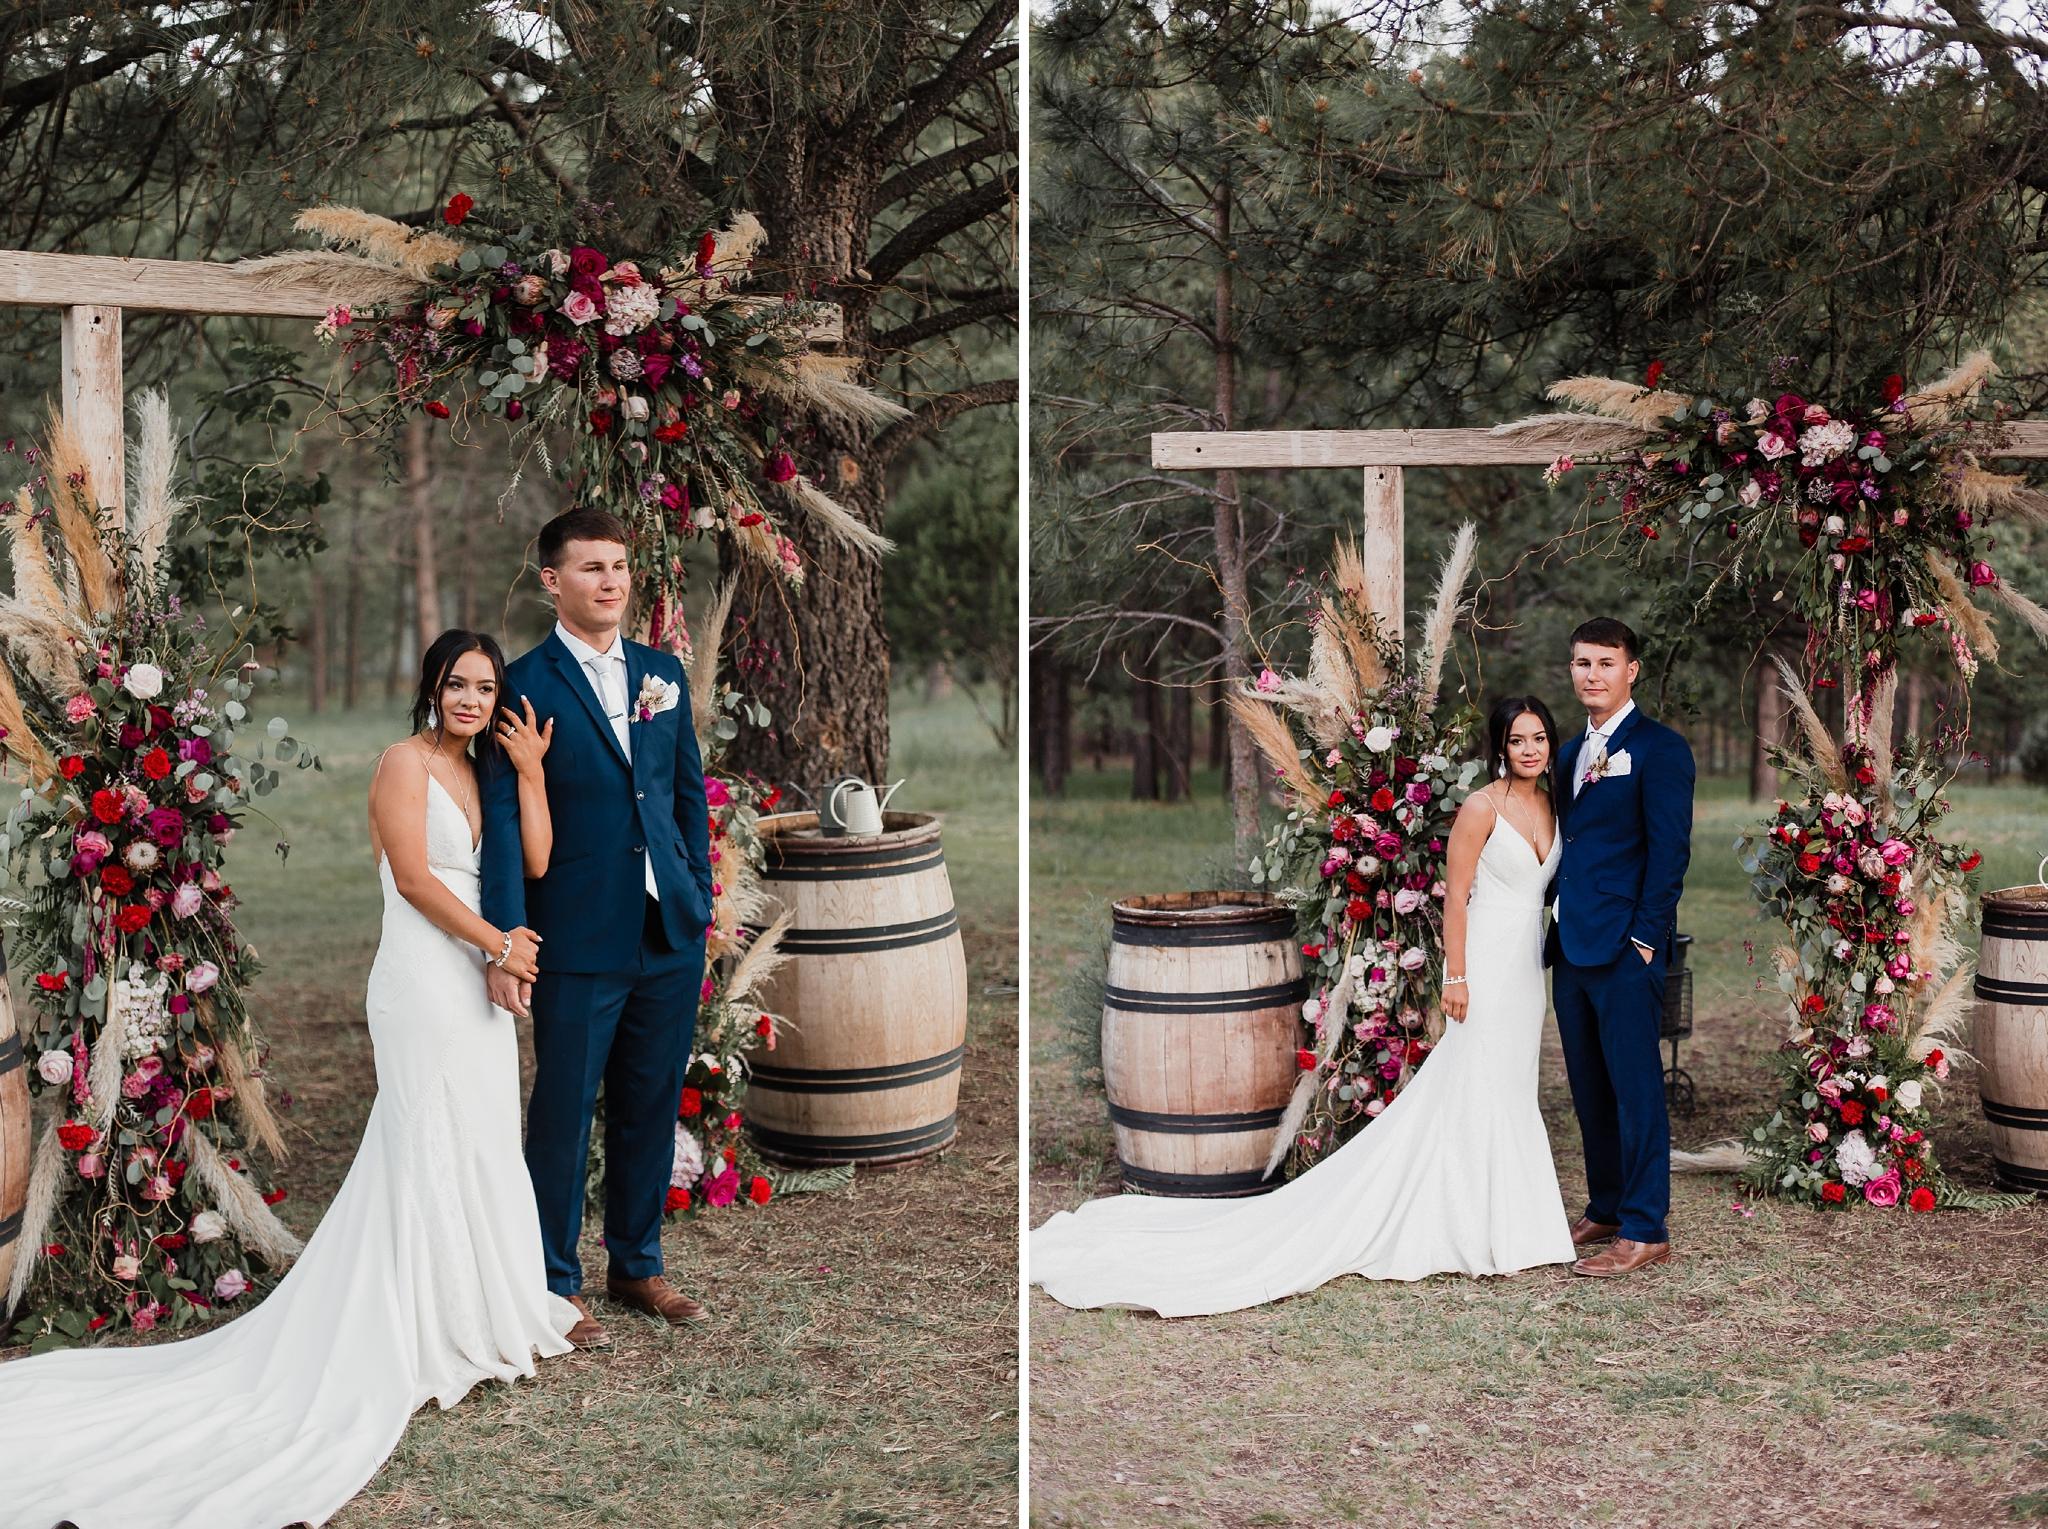 Alicia+lucia+photography+-+albuquerque+wedding+photographer+-+santa+fe+wedding+photography+-+new+mexico+wedding+photographer+-+new+mexico+wedding+-+summer+wedding+-+summer+wedding+florals+-+southwest+wedding_0015.jpg